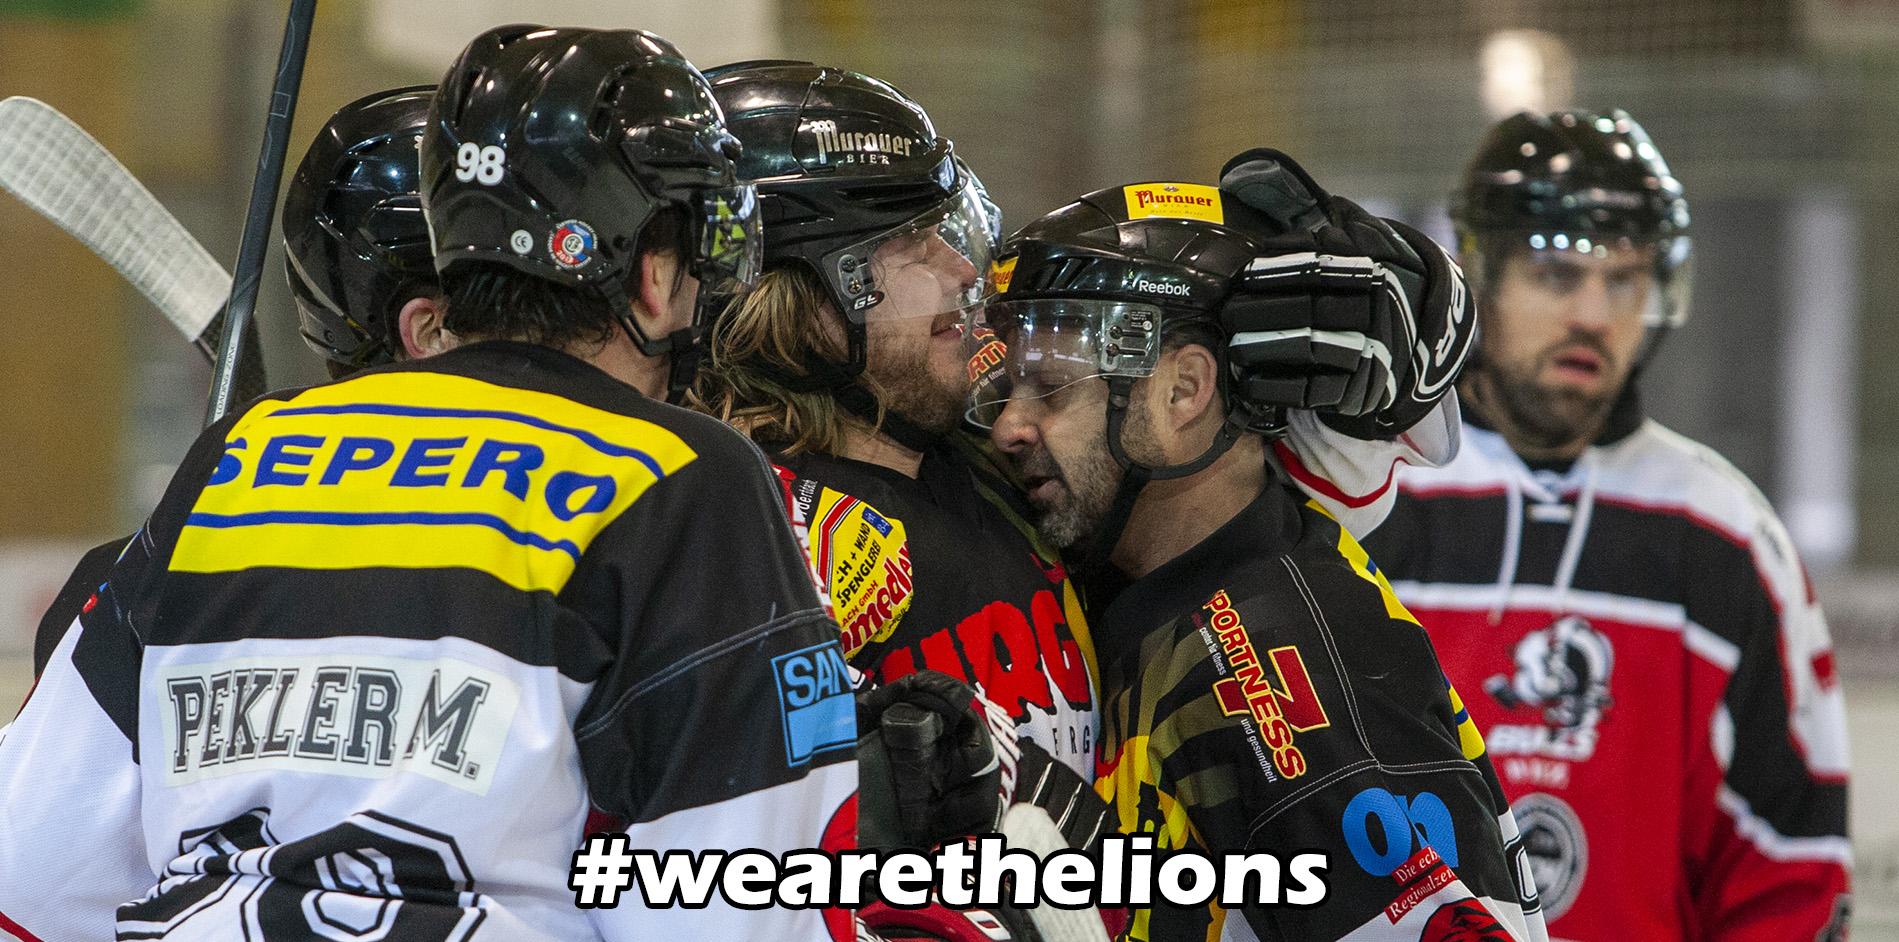 Die Zweier Löwen entfesselt mit einem Sieg gegen die SPG Weiz Hartberg